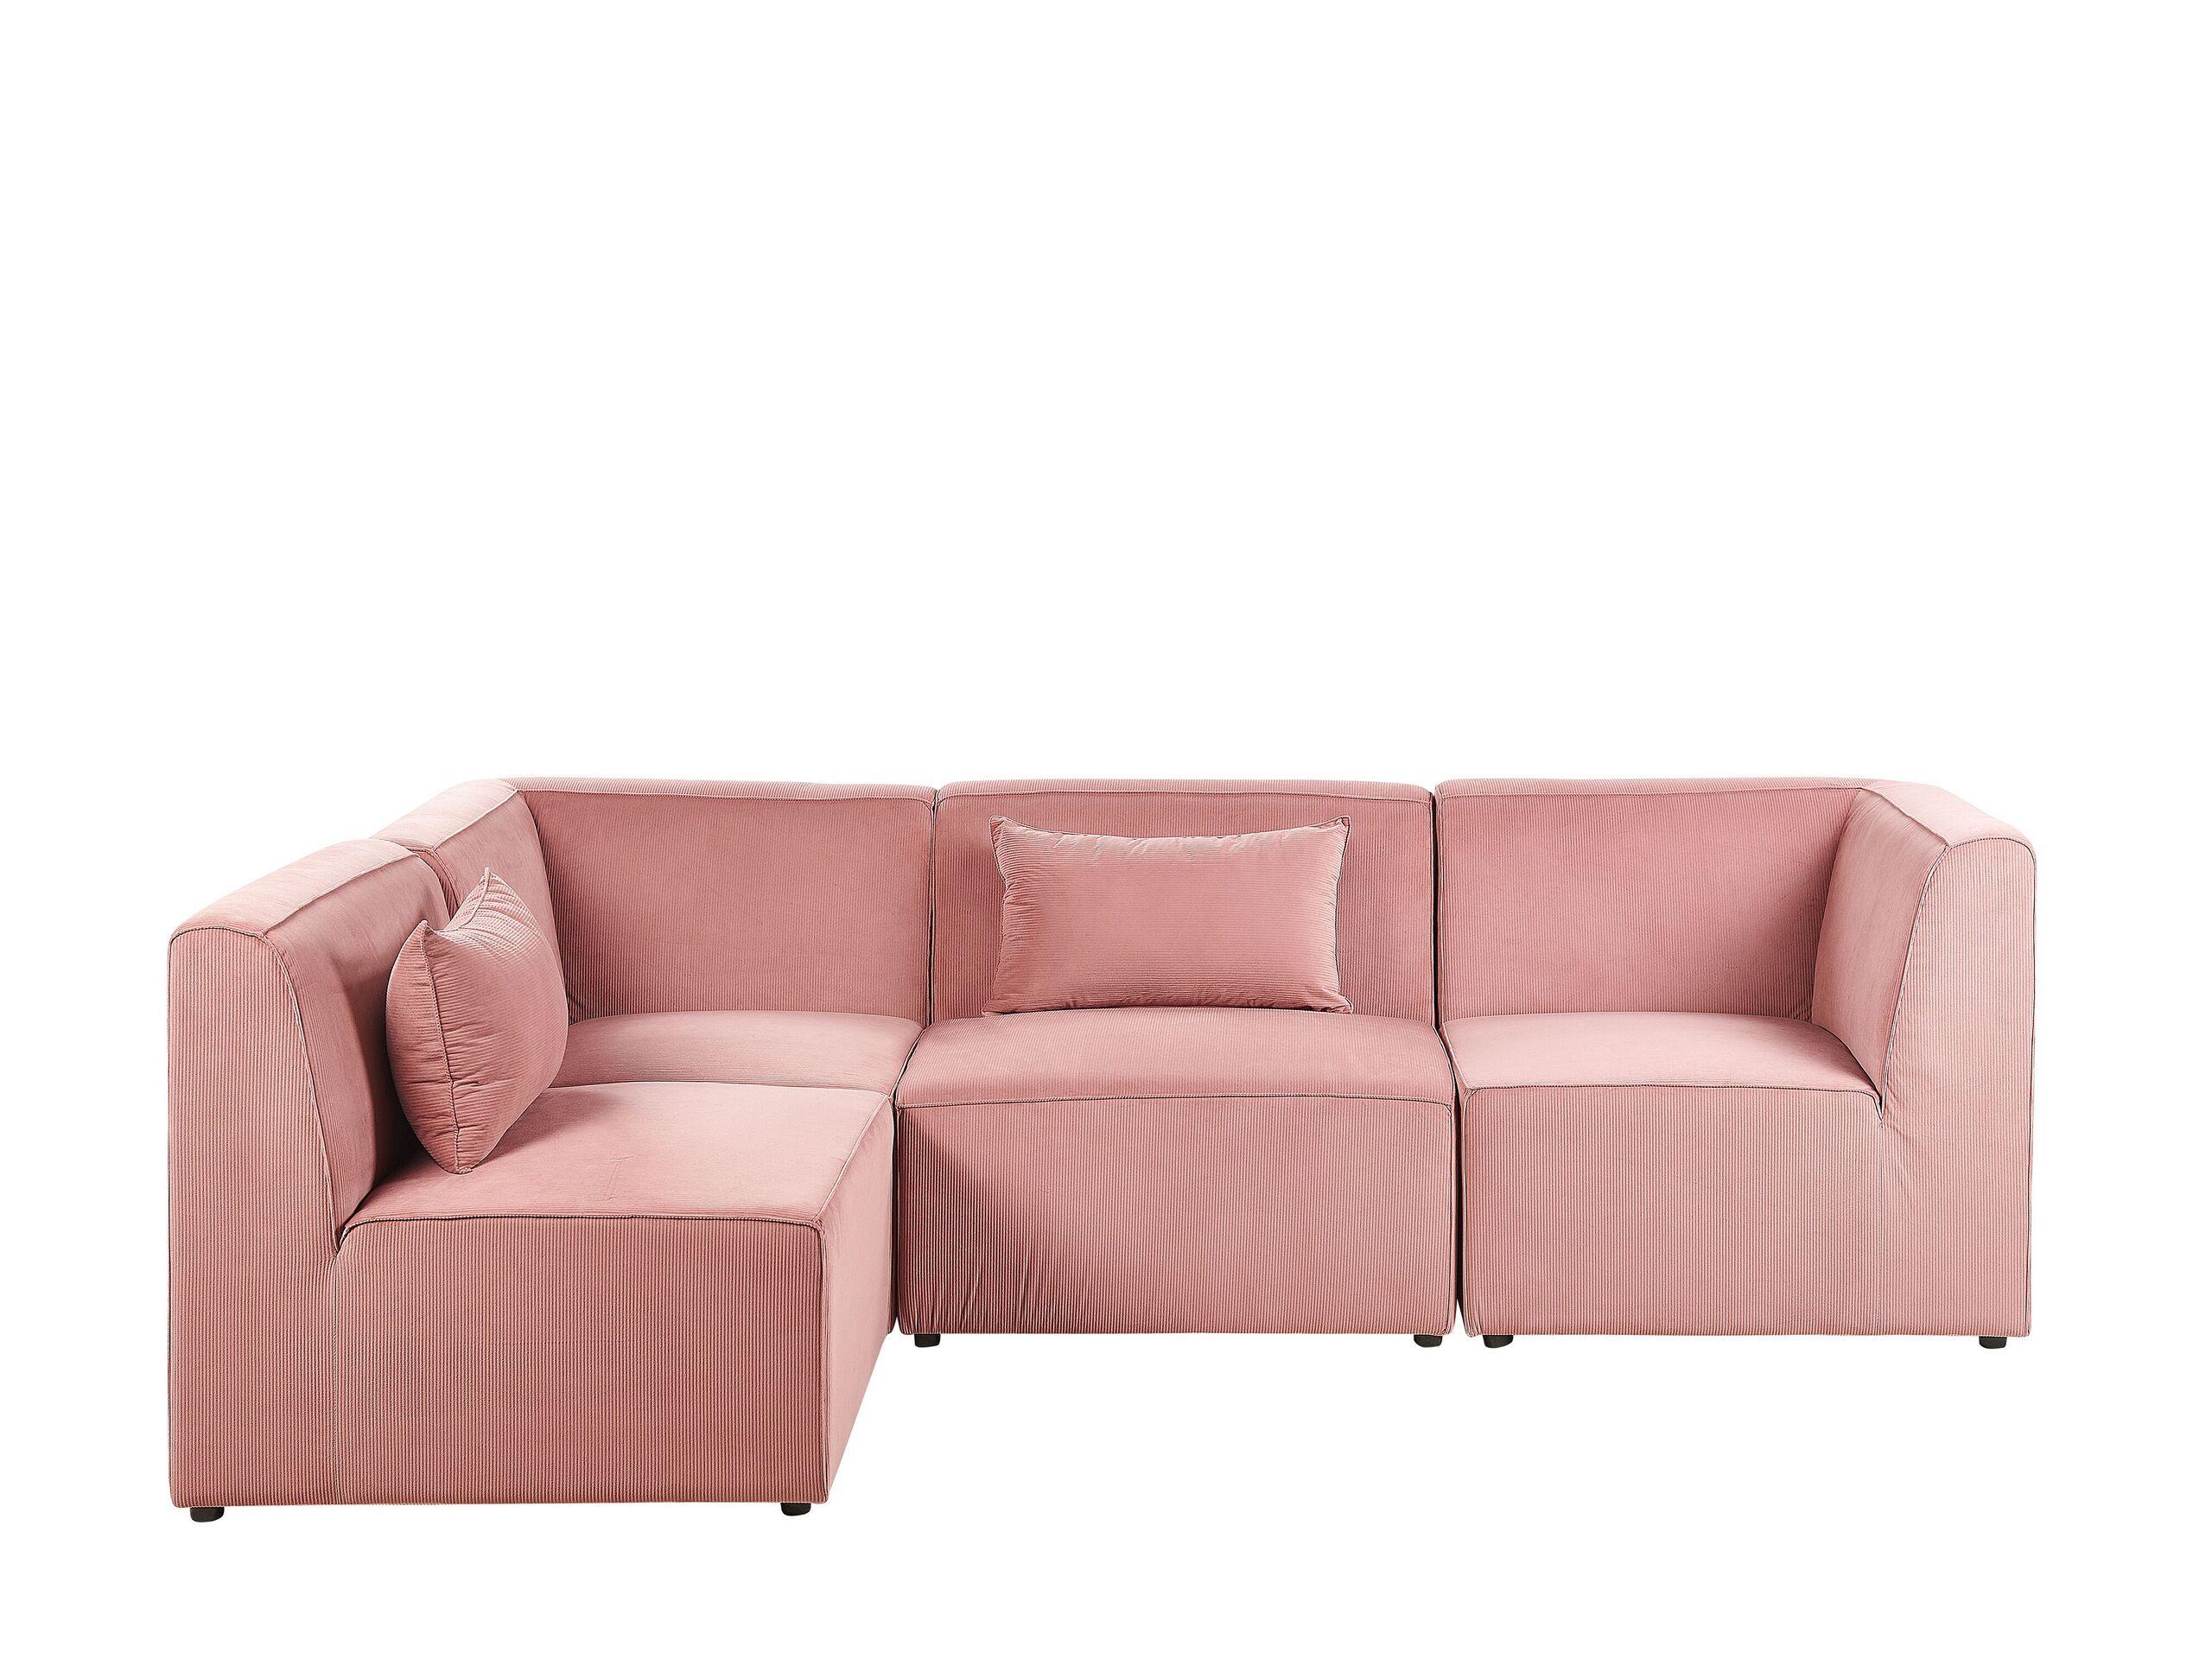 Canapé d'angle 4 places Rose Velours Moderne Confort